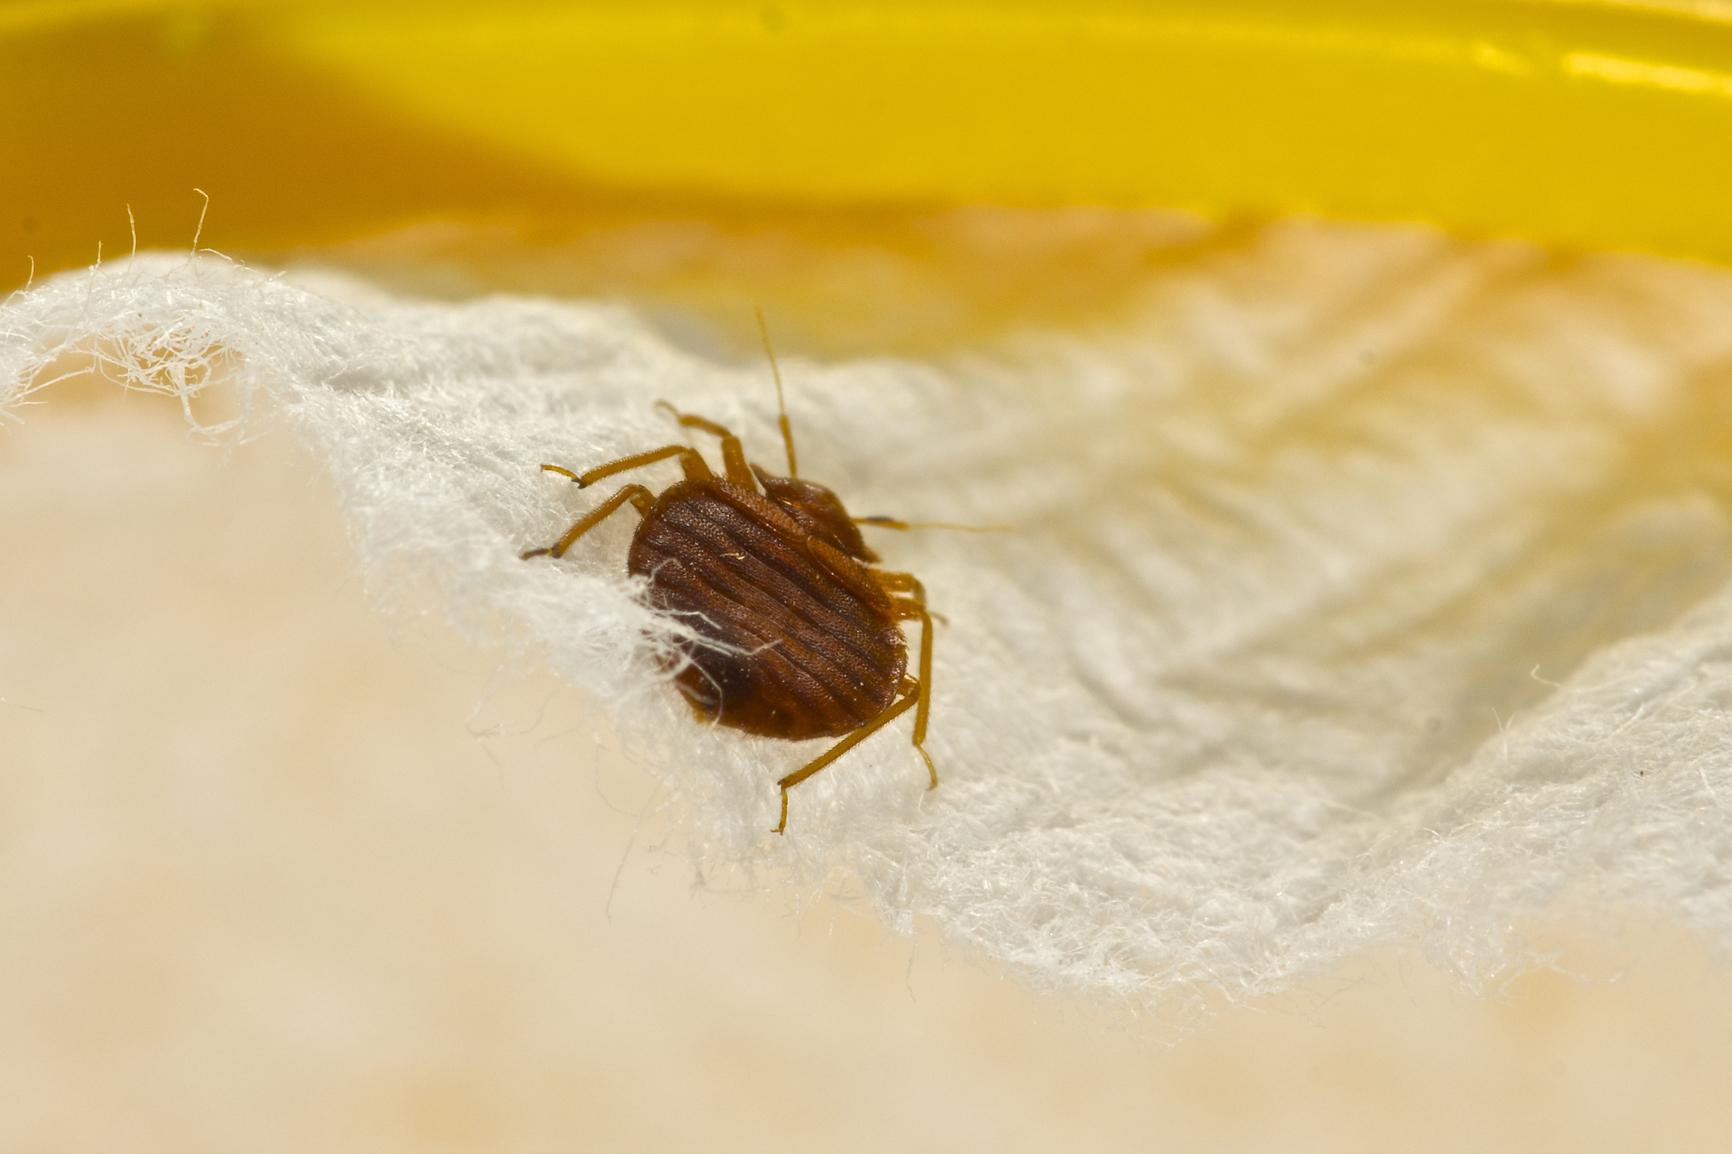 убить паразитов в организме народными средствами отзывы